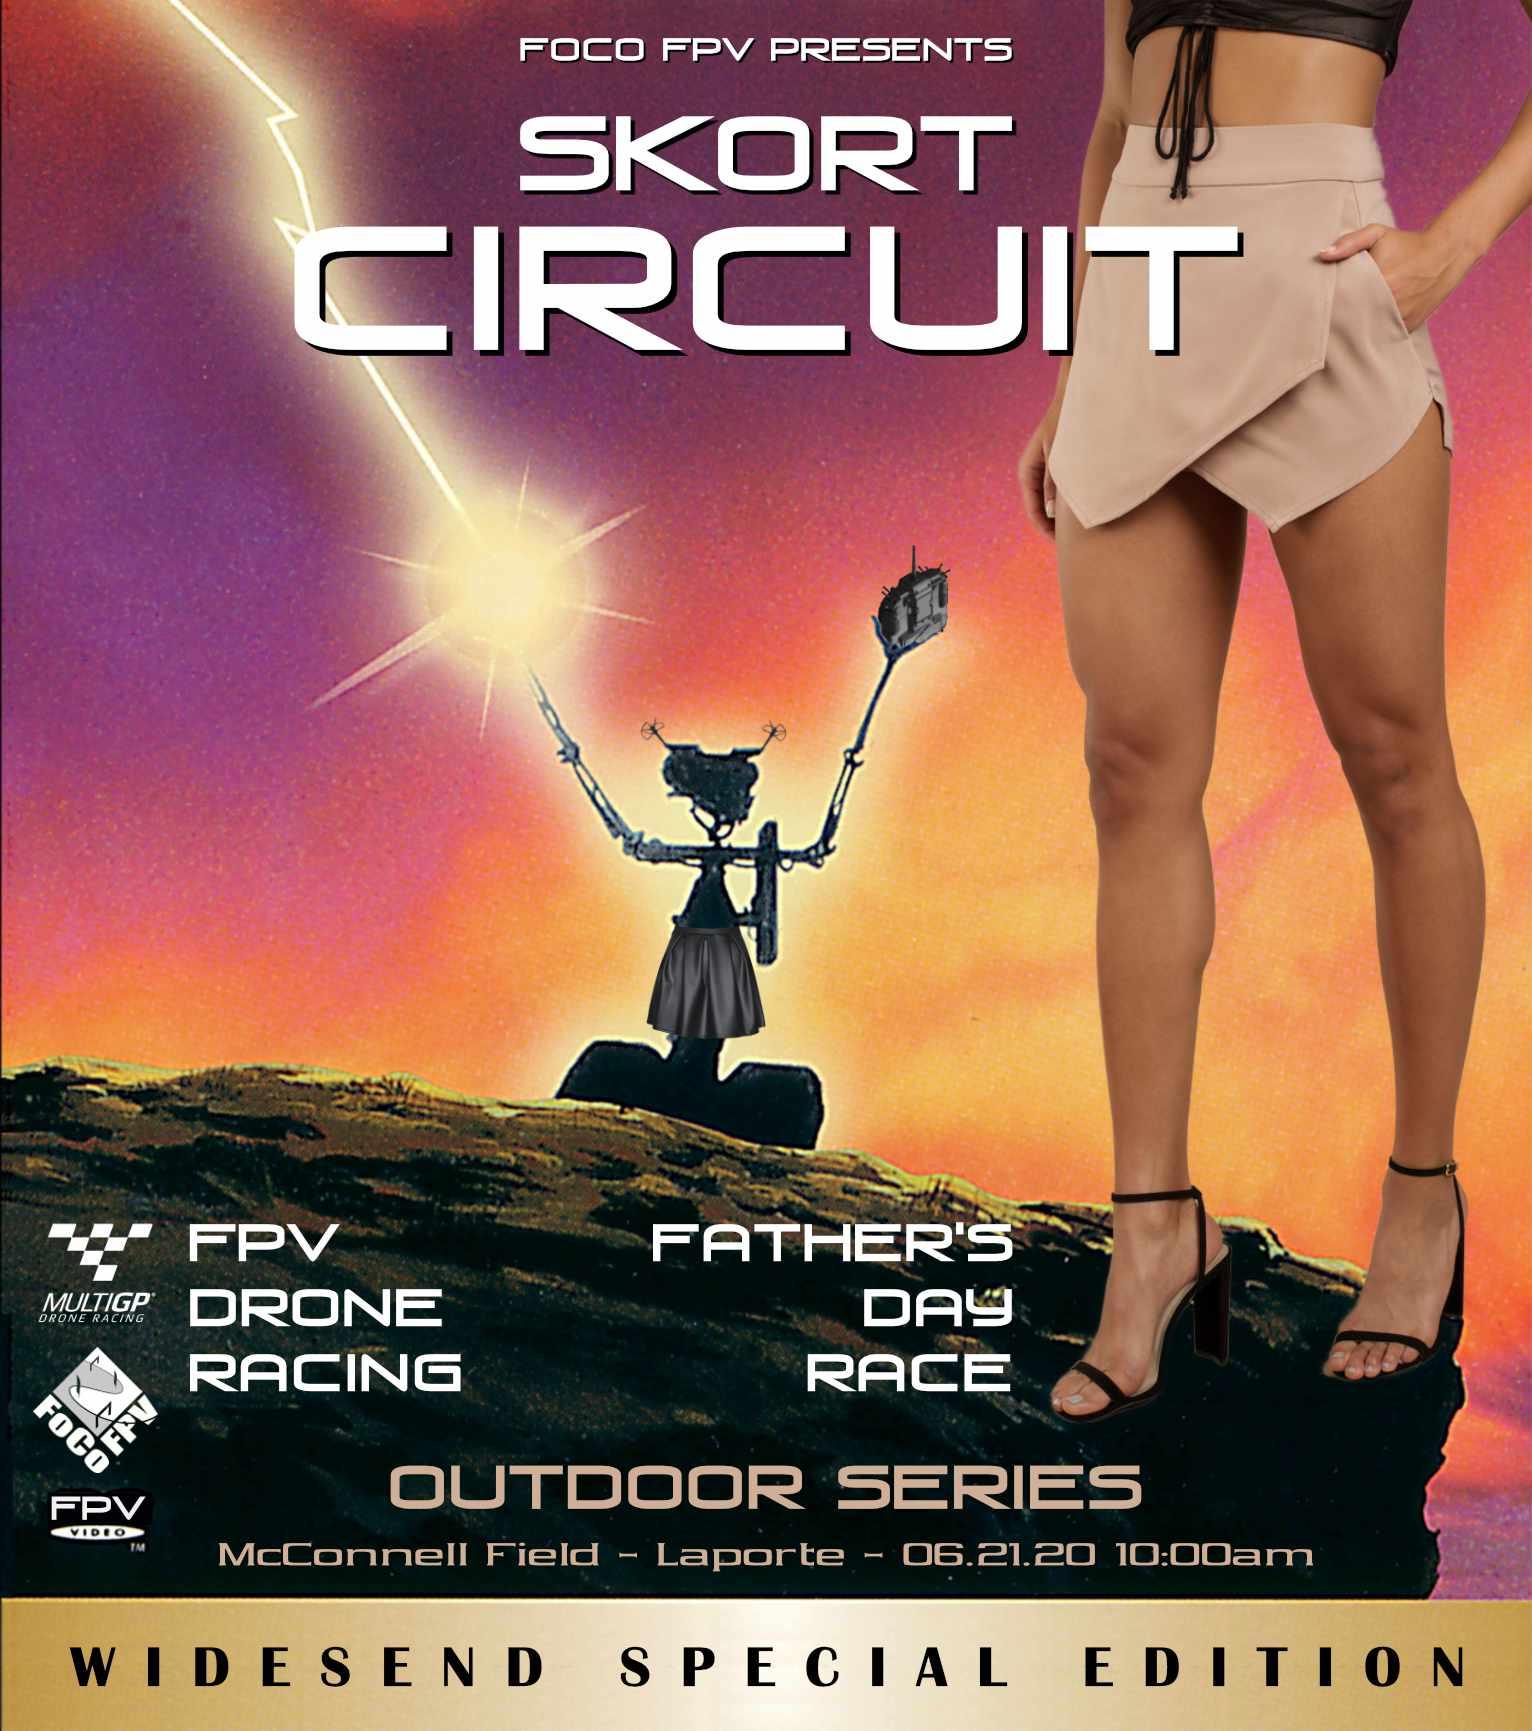 Skort Circuit